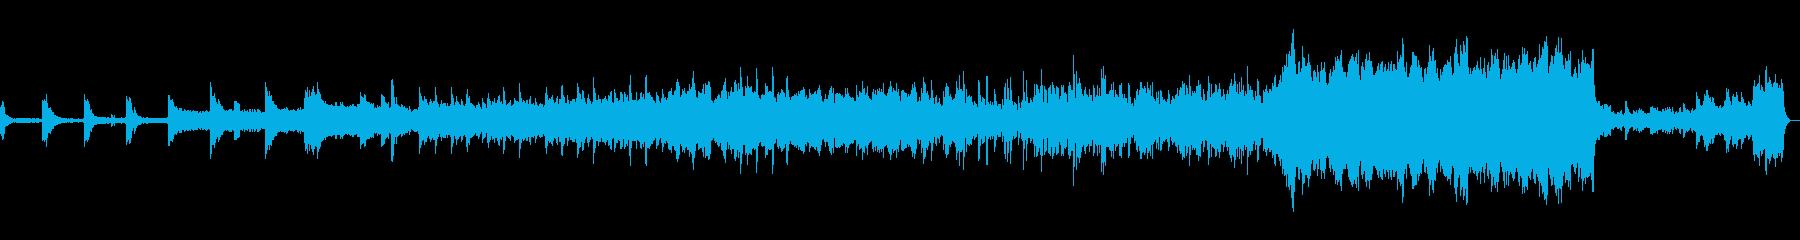 映画音楽風(物語を感じる)切ない曲の再生済みの波形